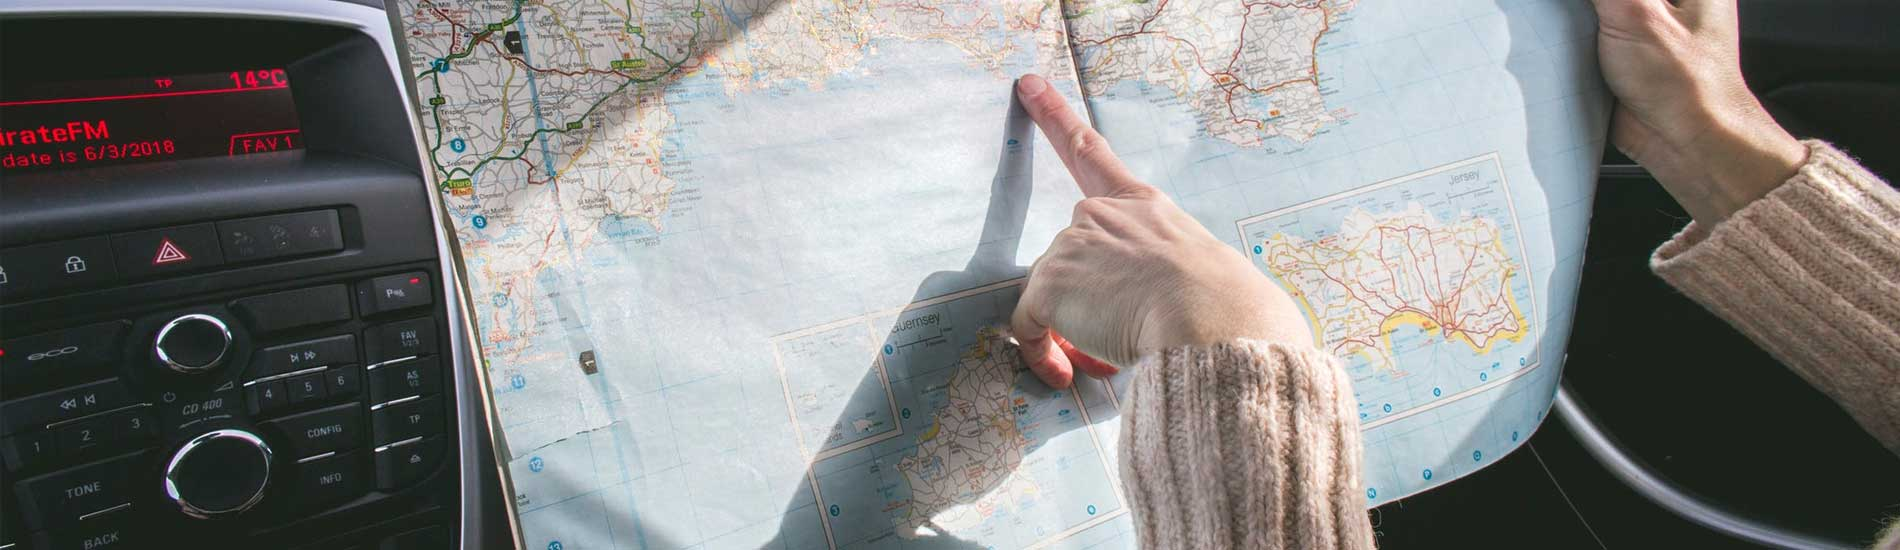 Özel Araçla Yurt dışına Nasıl Çıkılır?